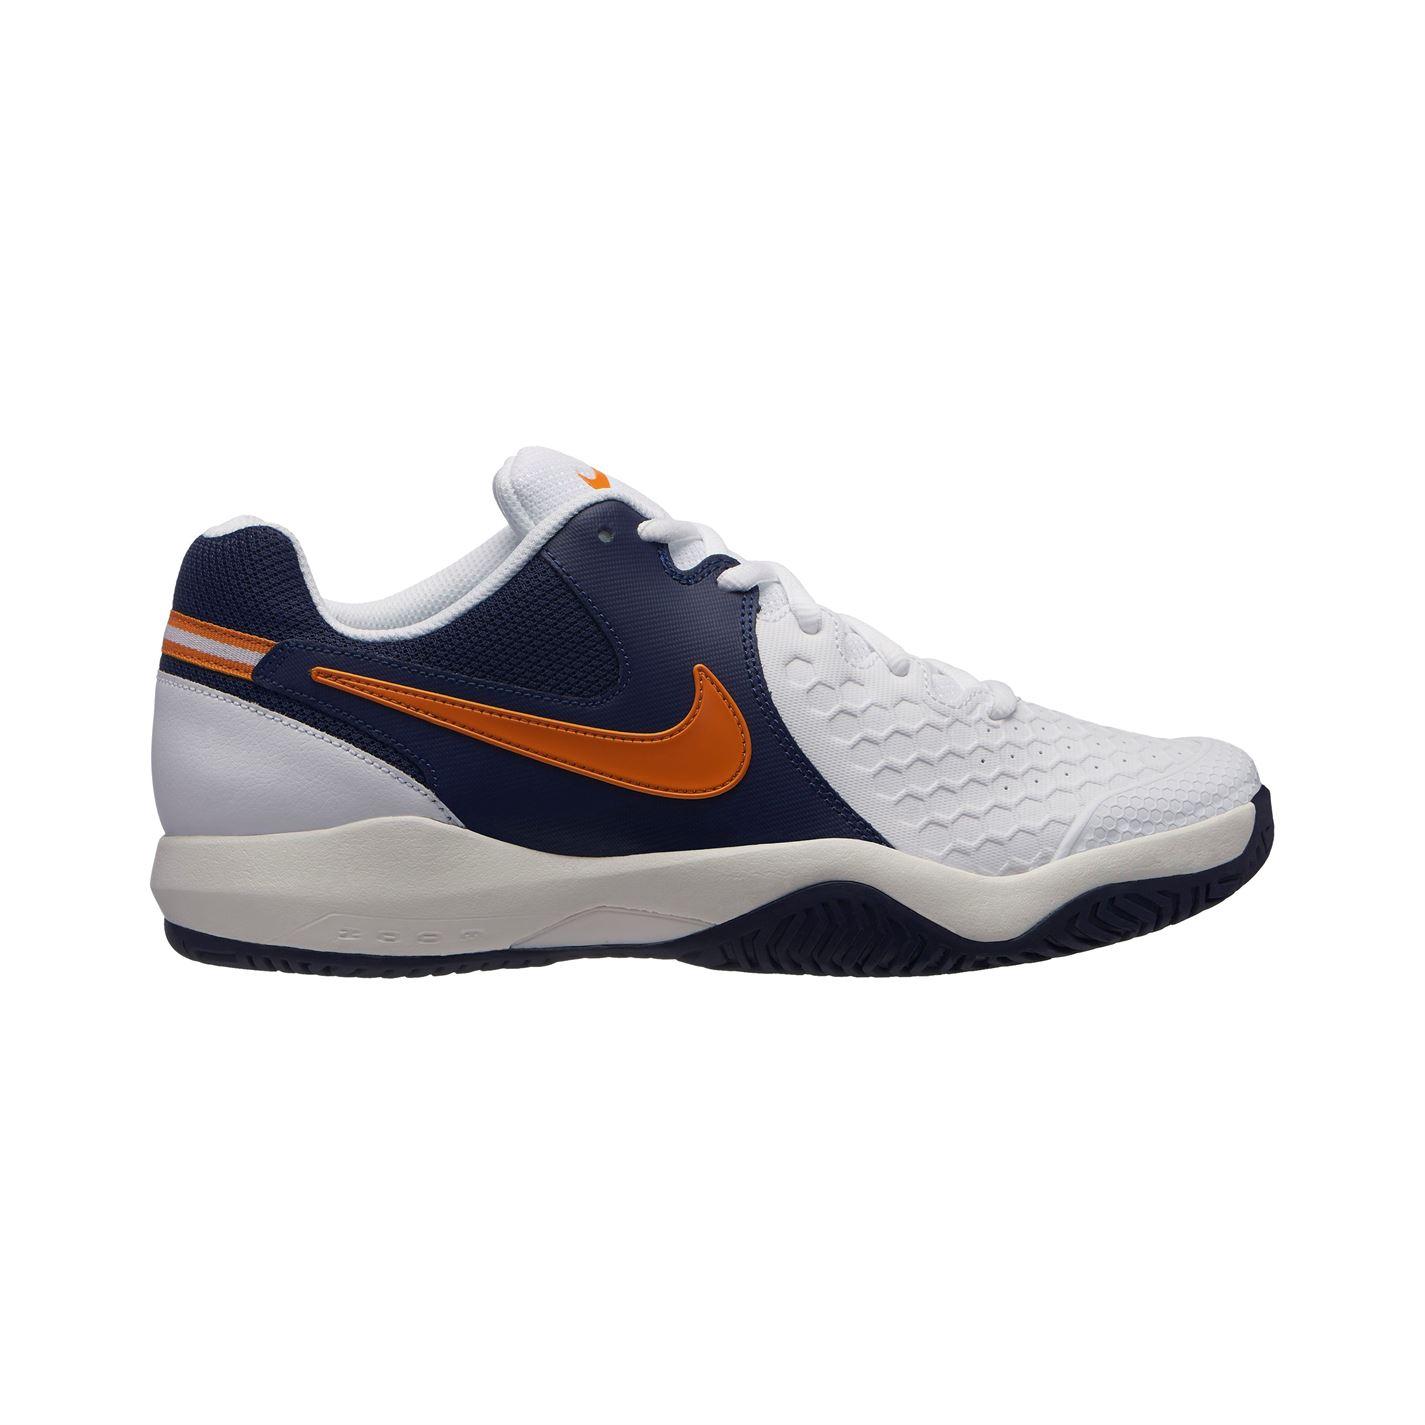 Nike Air Zoom Resistance pánske tenisové topánky